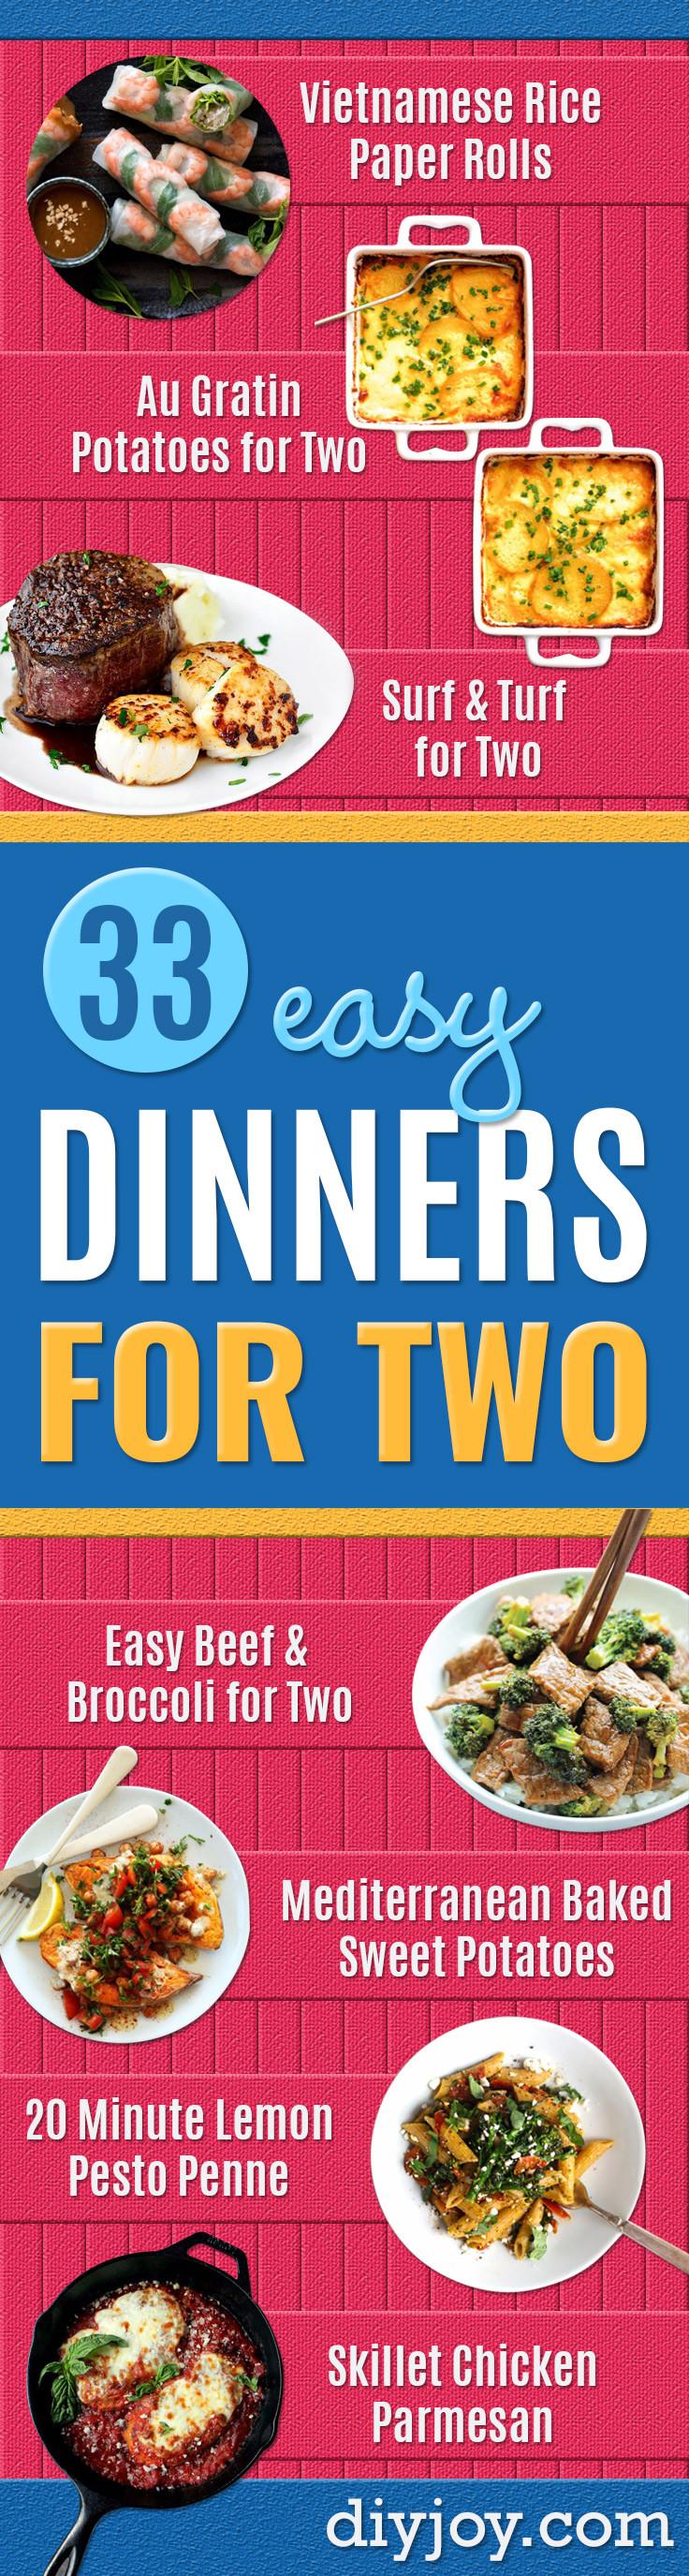 Easy Dinner For Two  33 Easy Dinner Recipes For Two